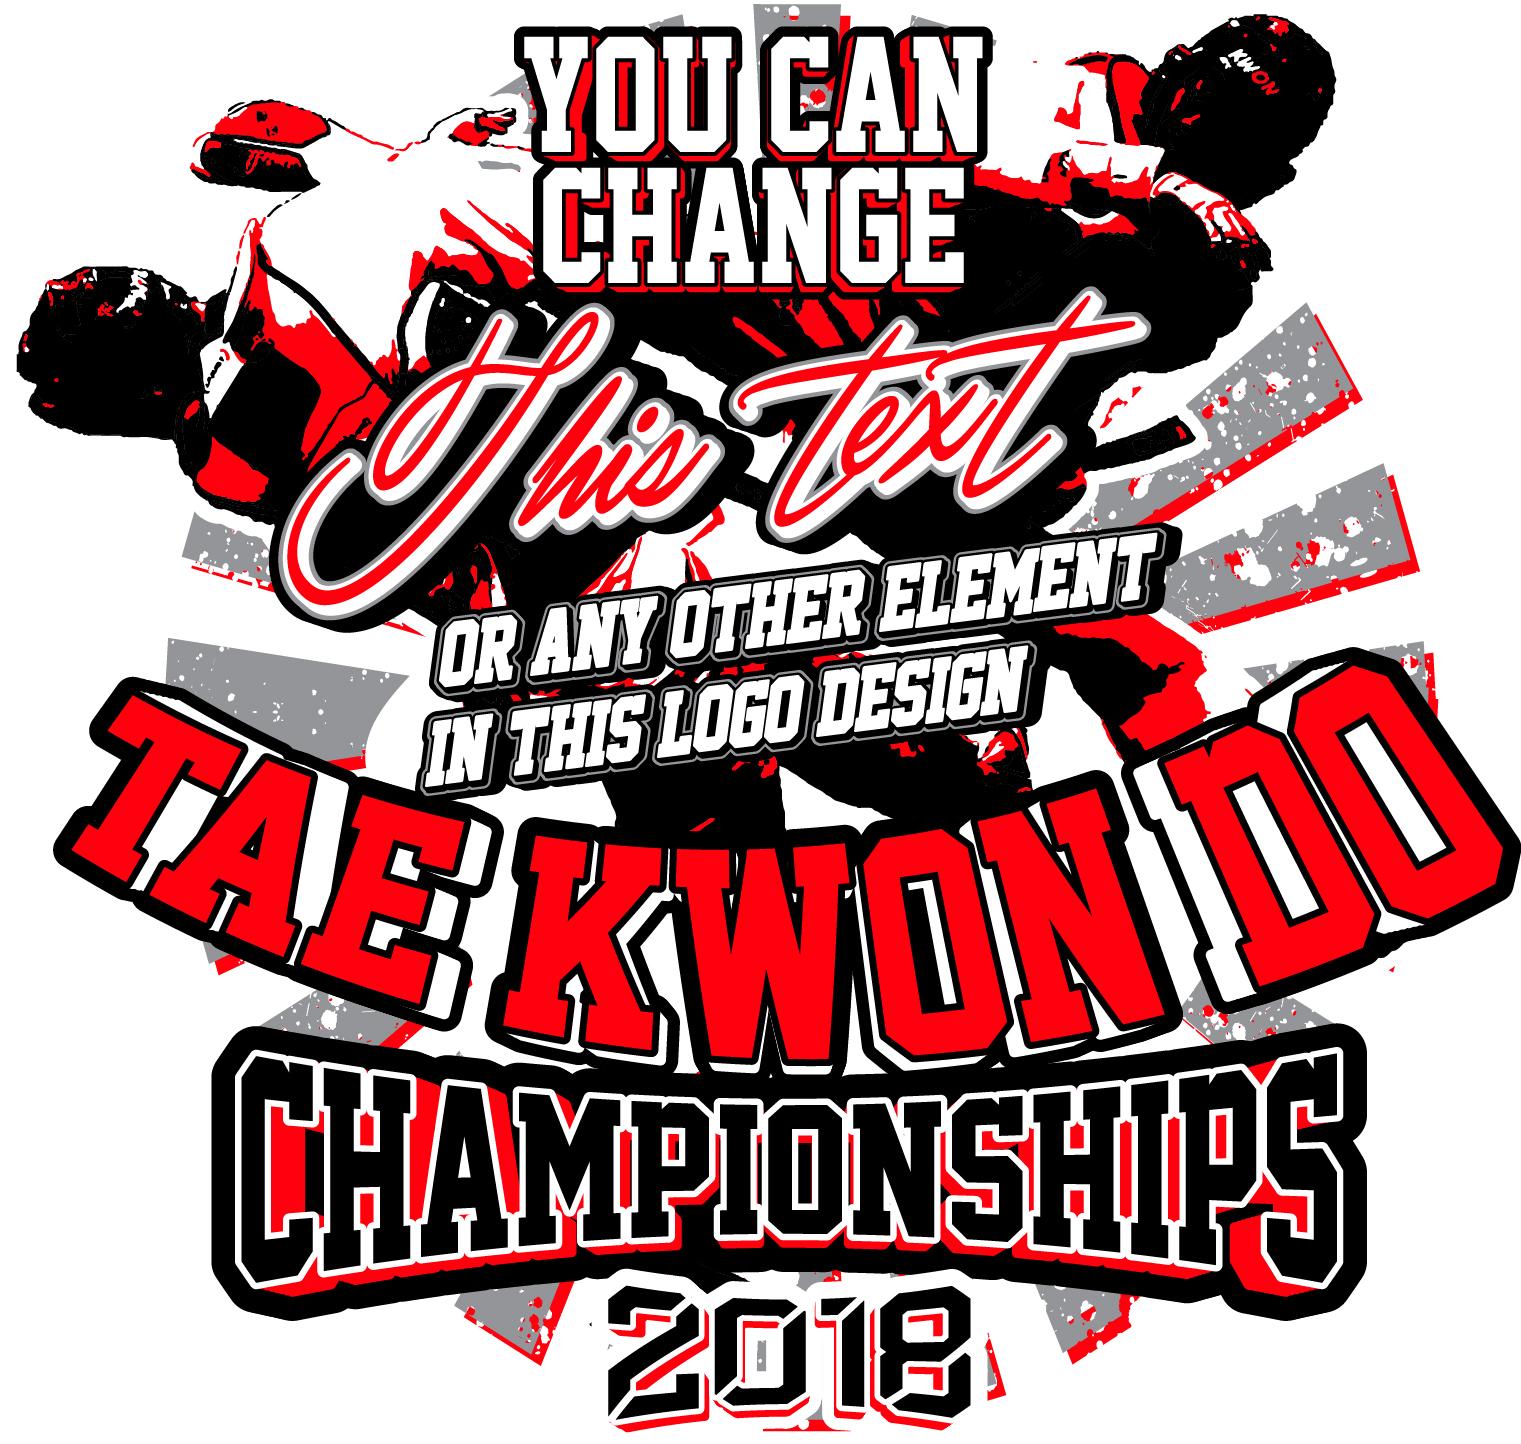 6bbf1ba3a T-shirt logo design creative ideas: TAEKWONDO CHAMPIONSHIPS 2018 ...